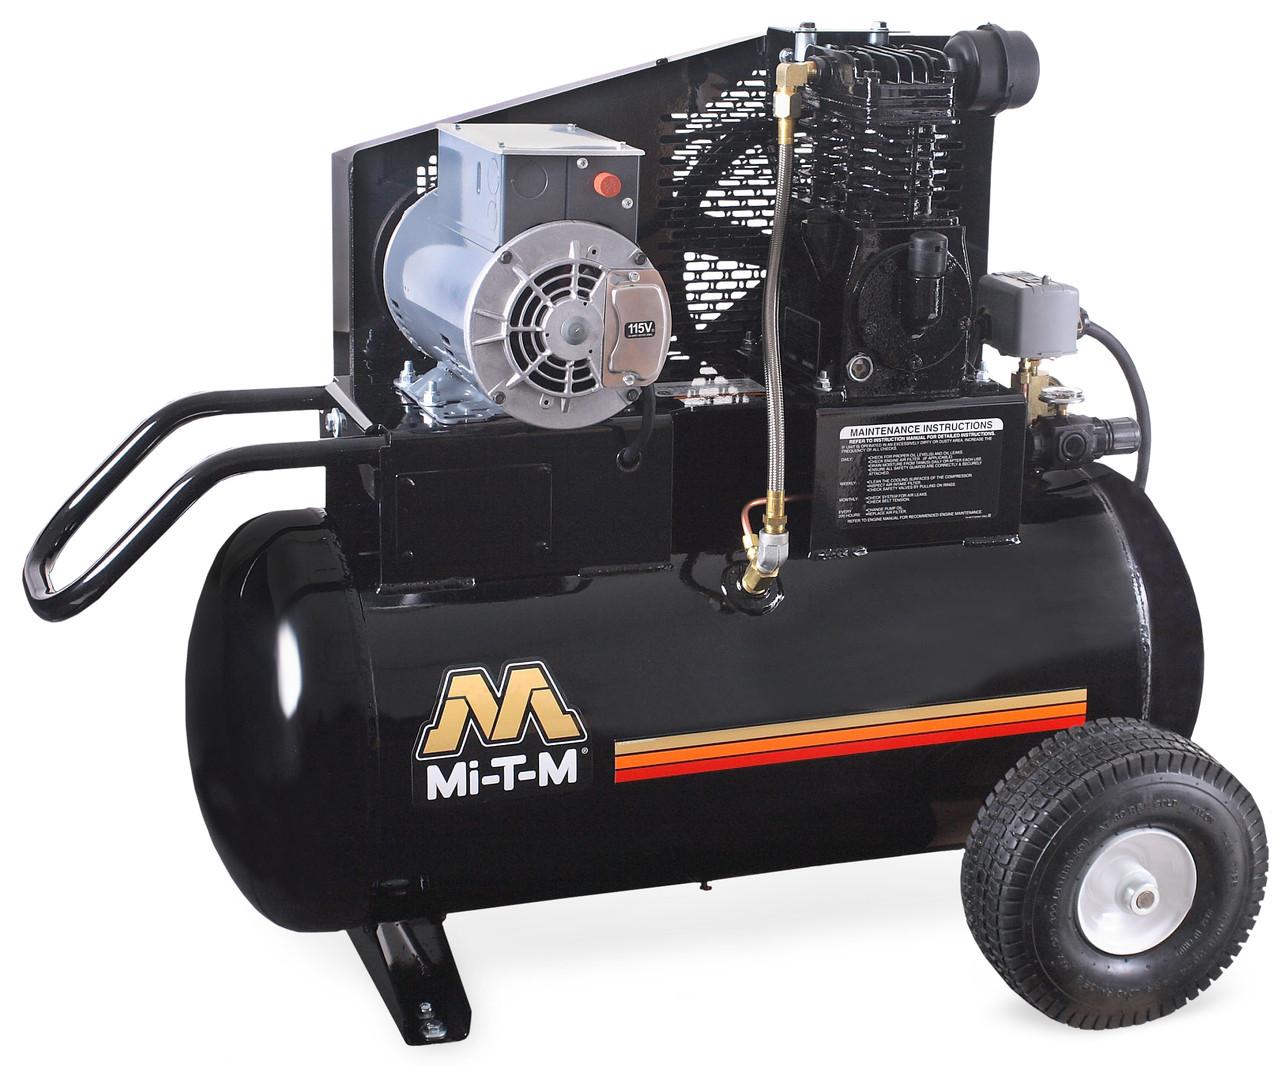 Mi-T-M AM1-PE02-20M 2 HP 120 Volt Single Stage 20 Gallon Portable Air Compressor